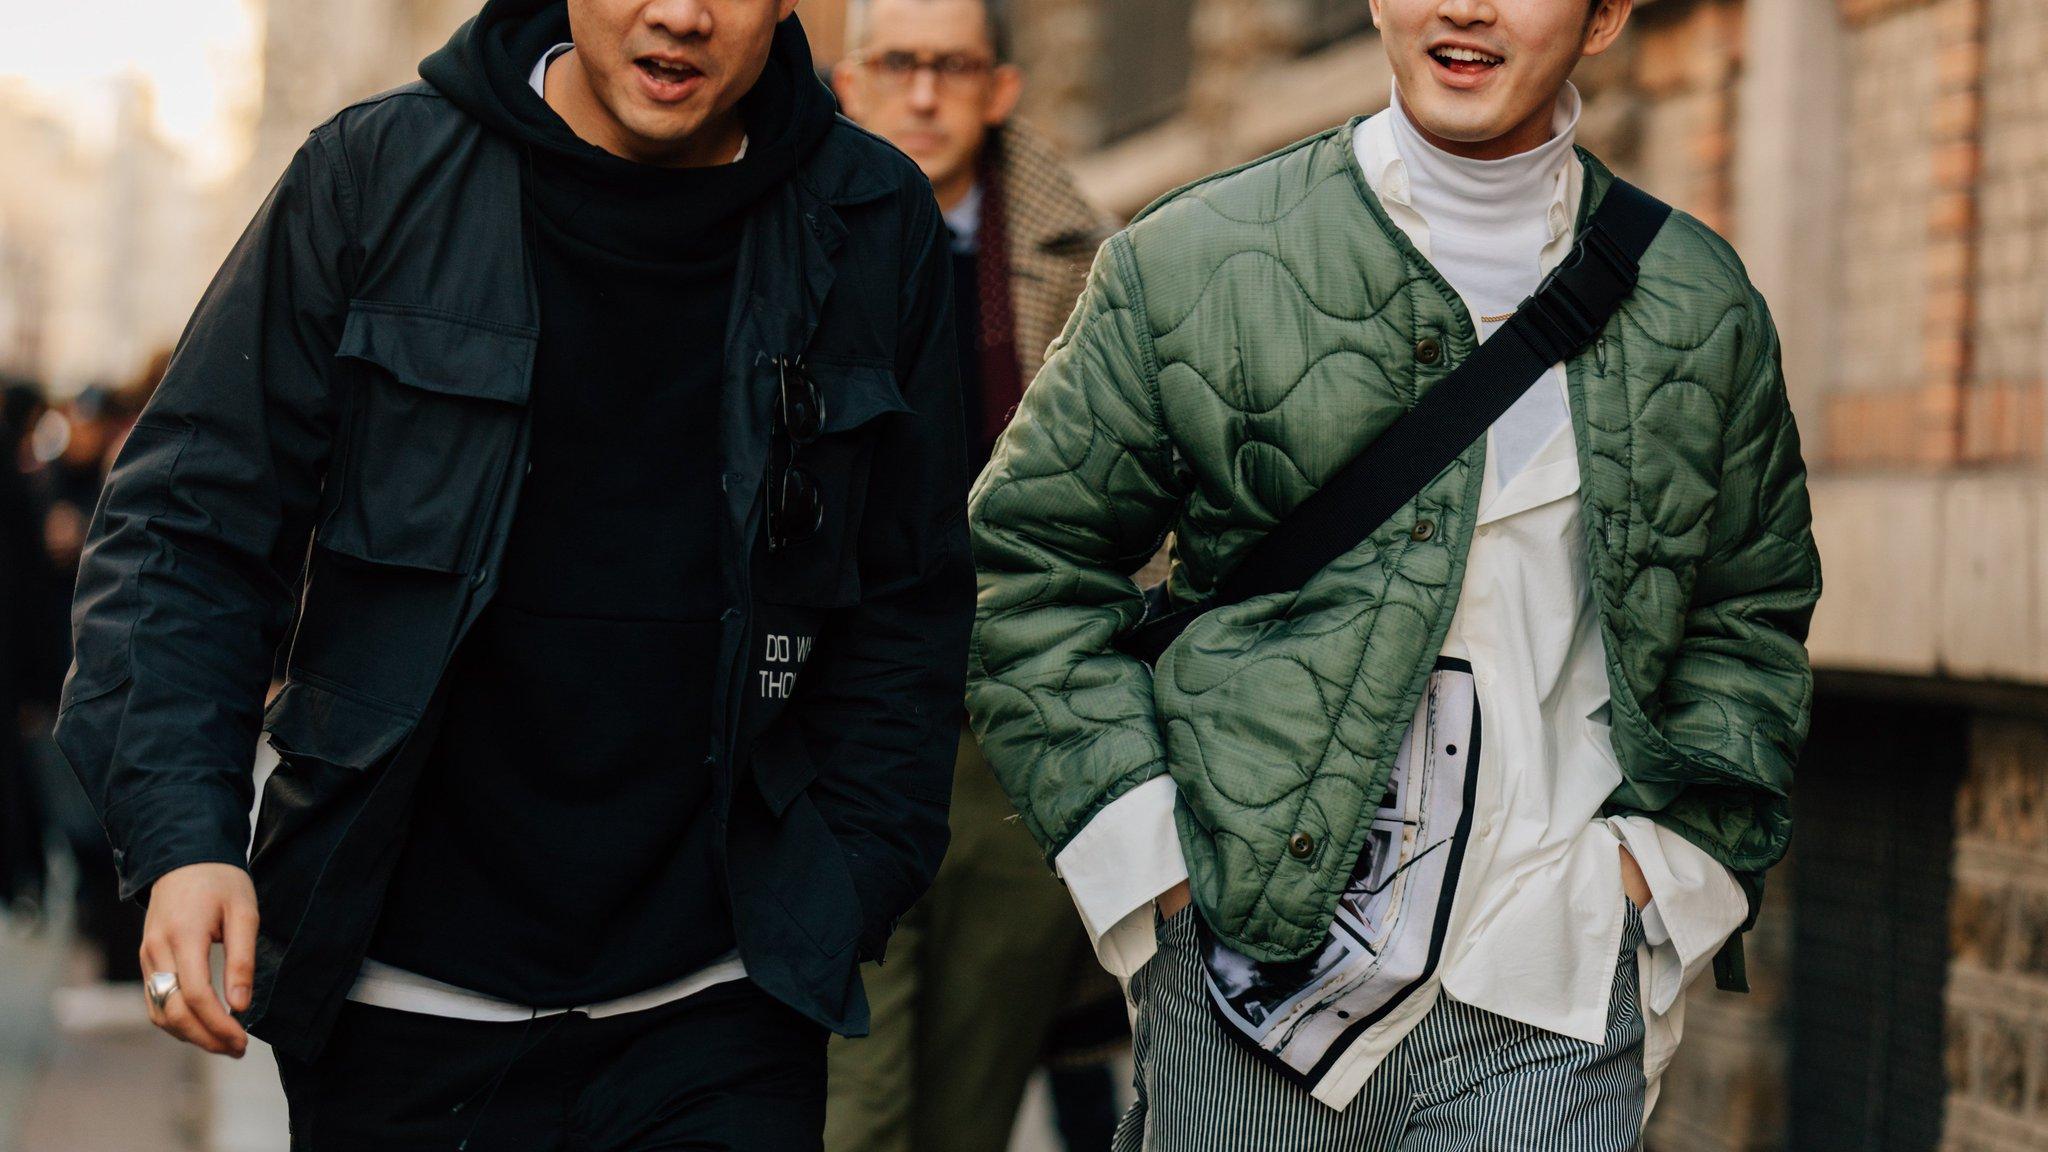 The best street style from Paris Fashion Week (so far) https://t.co/RaLw0pKPrj https://t.co/8iKWwMbb6K